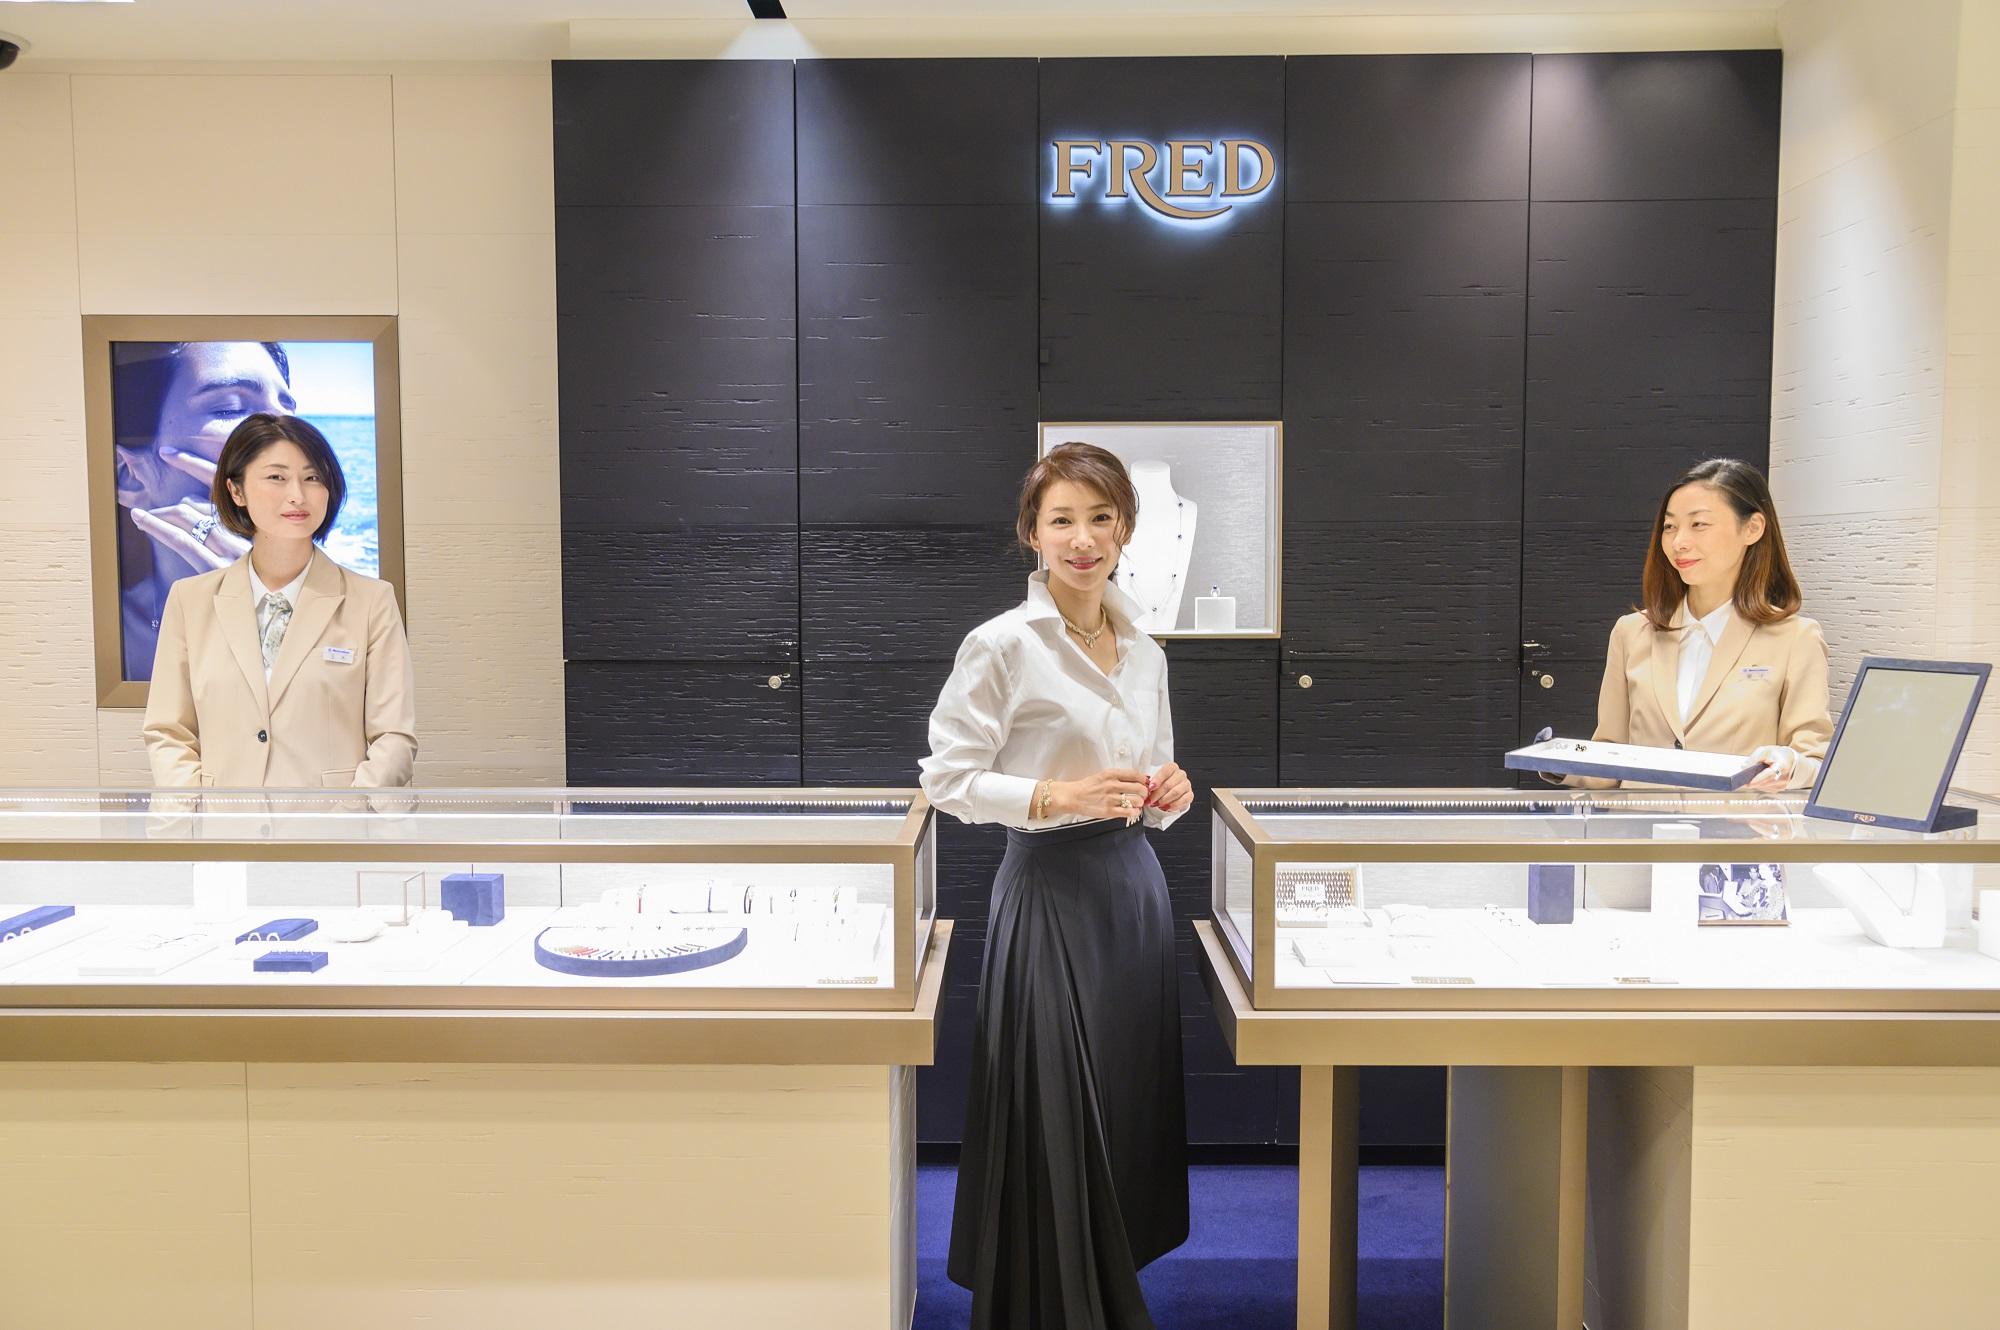 グレース・ケリーが愛した「フレッド」のコレクションが、松坂屋名古屋店「FNO」で初お披露目。【PR】